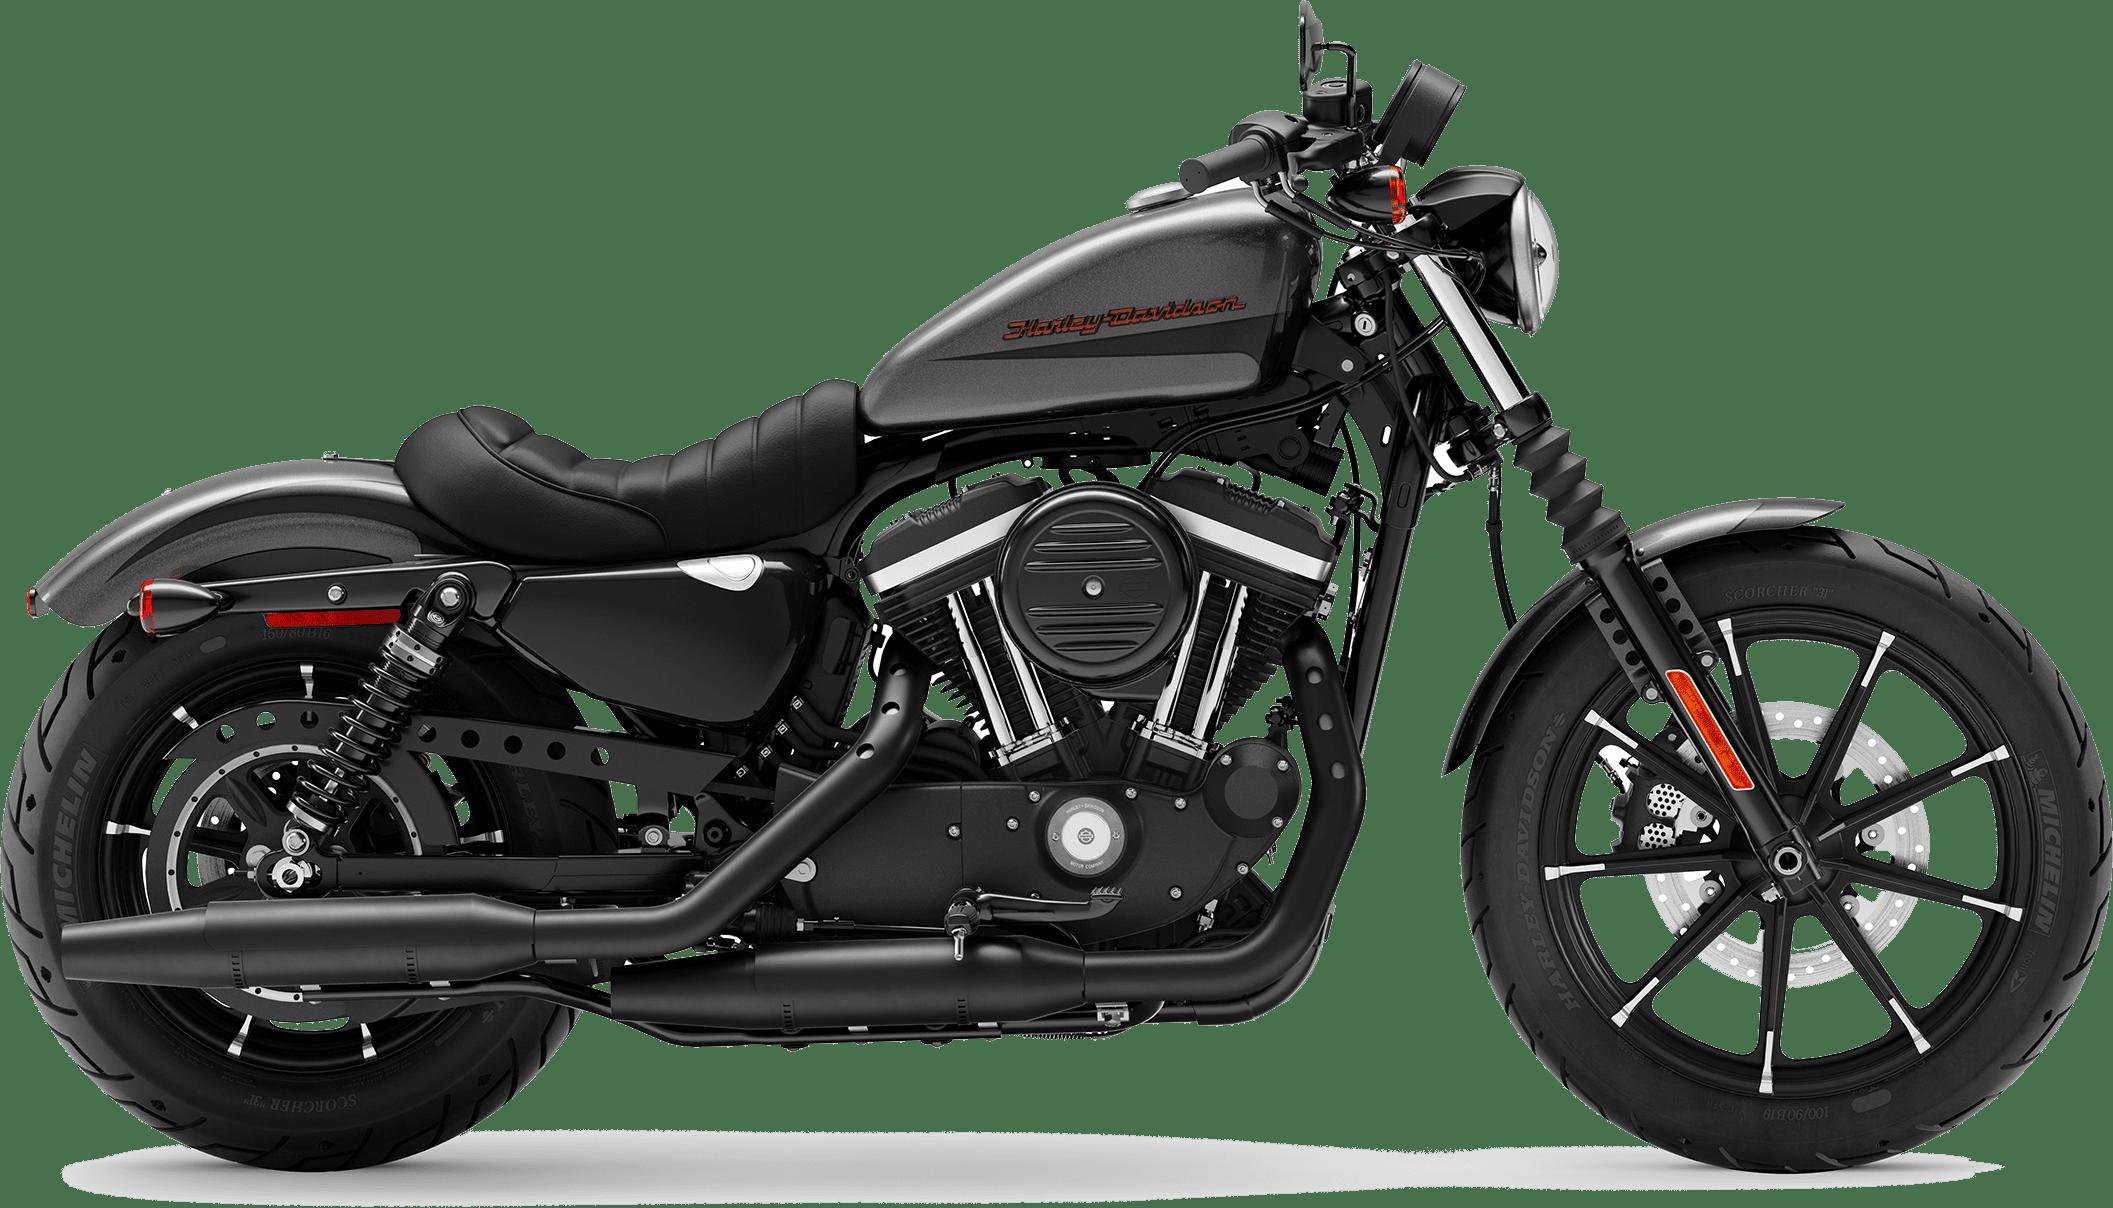 2019 Harley-Davidson H-D Sportster Iron 883 Silver Flux Black Fuse